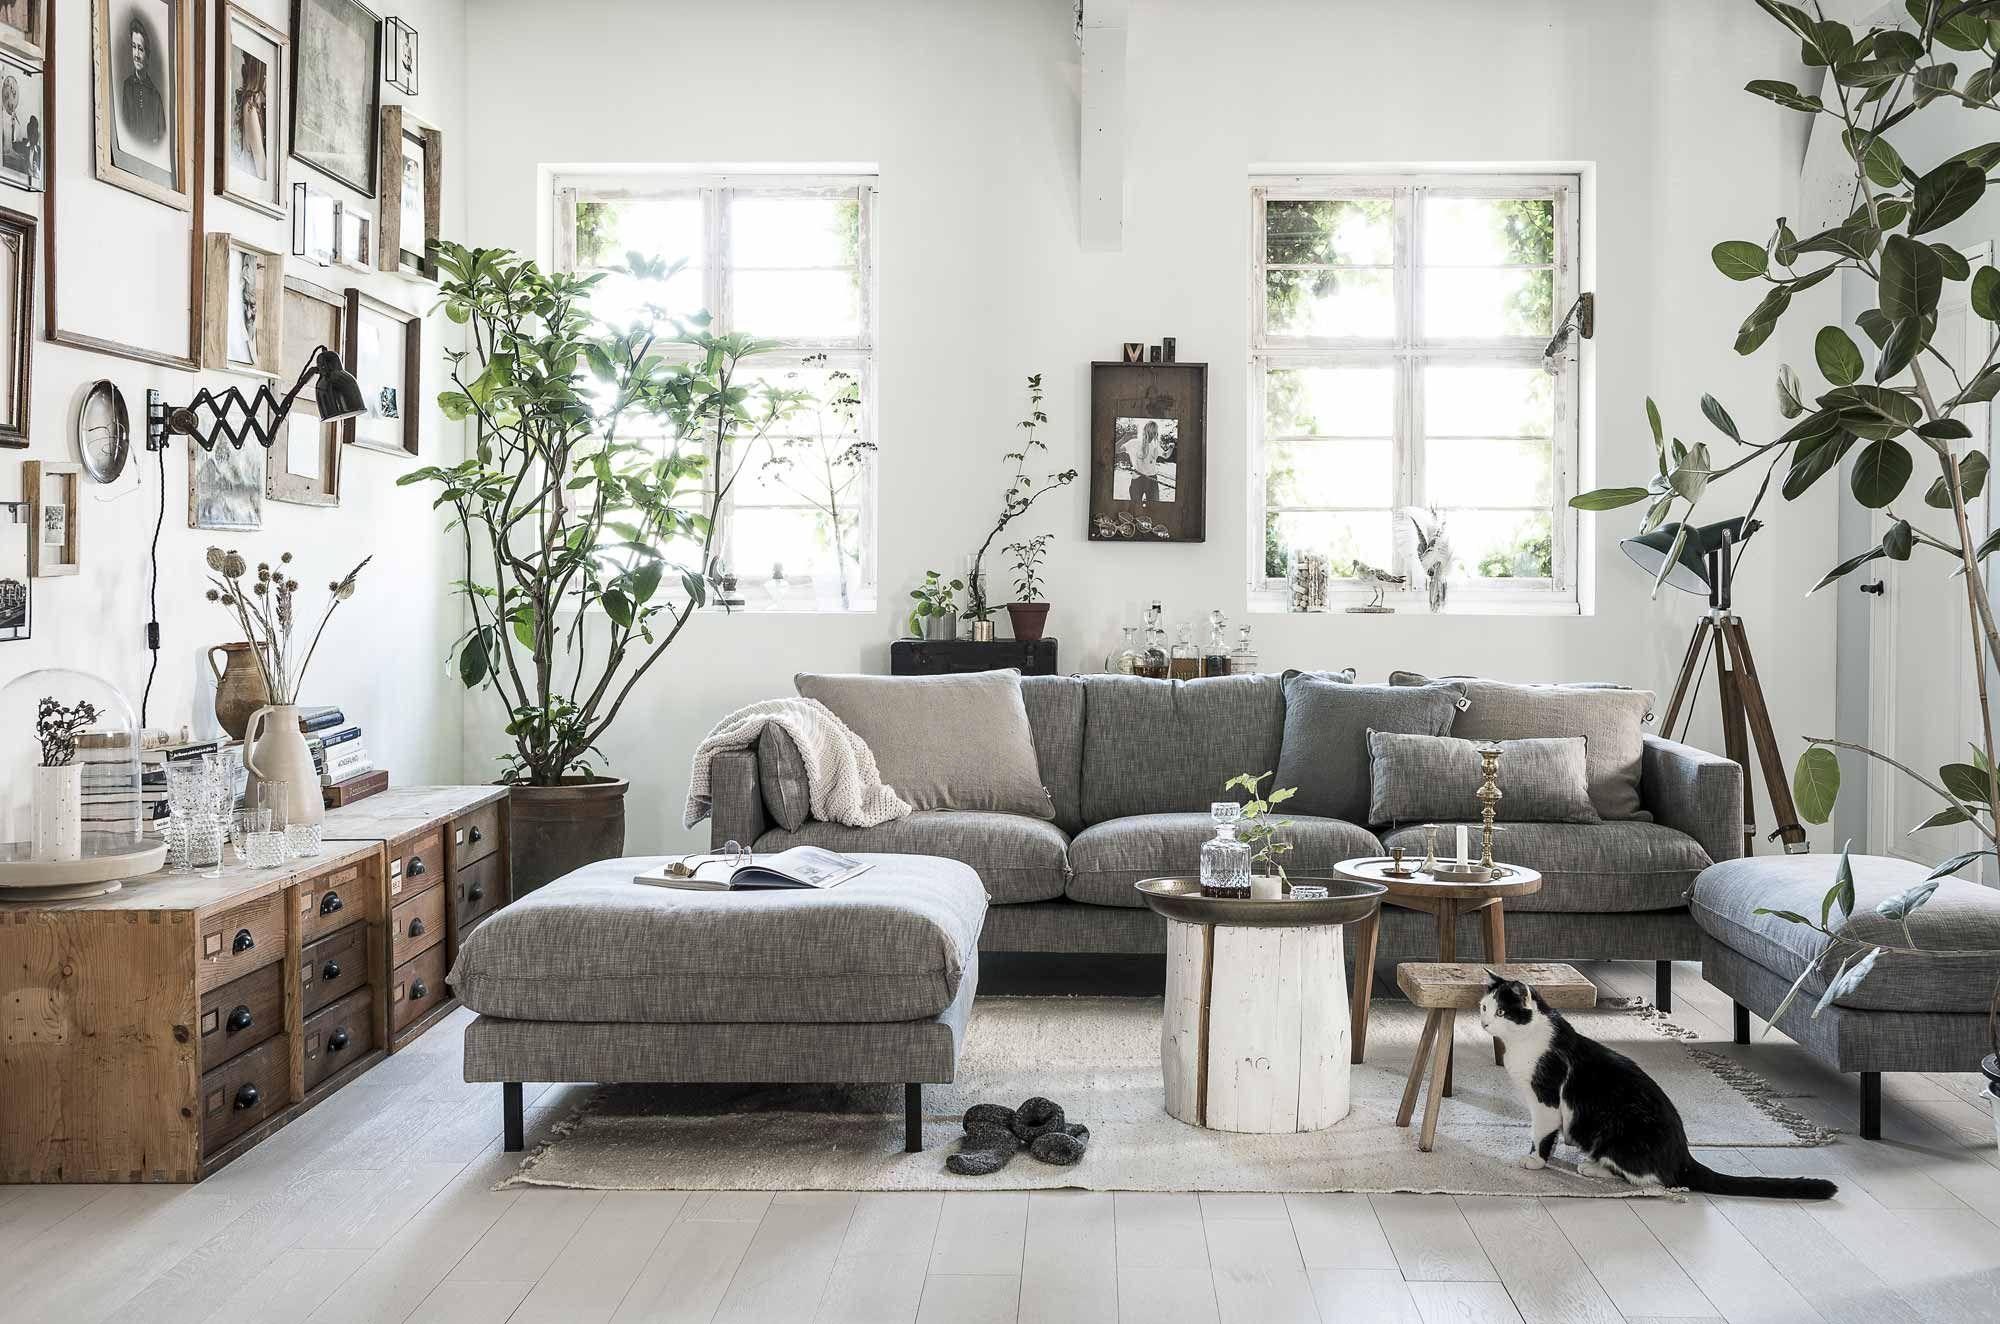 7x Klassiek Interieur : Inspiratie voor boho chic interieur finest alittle secret